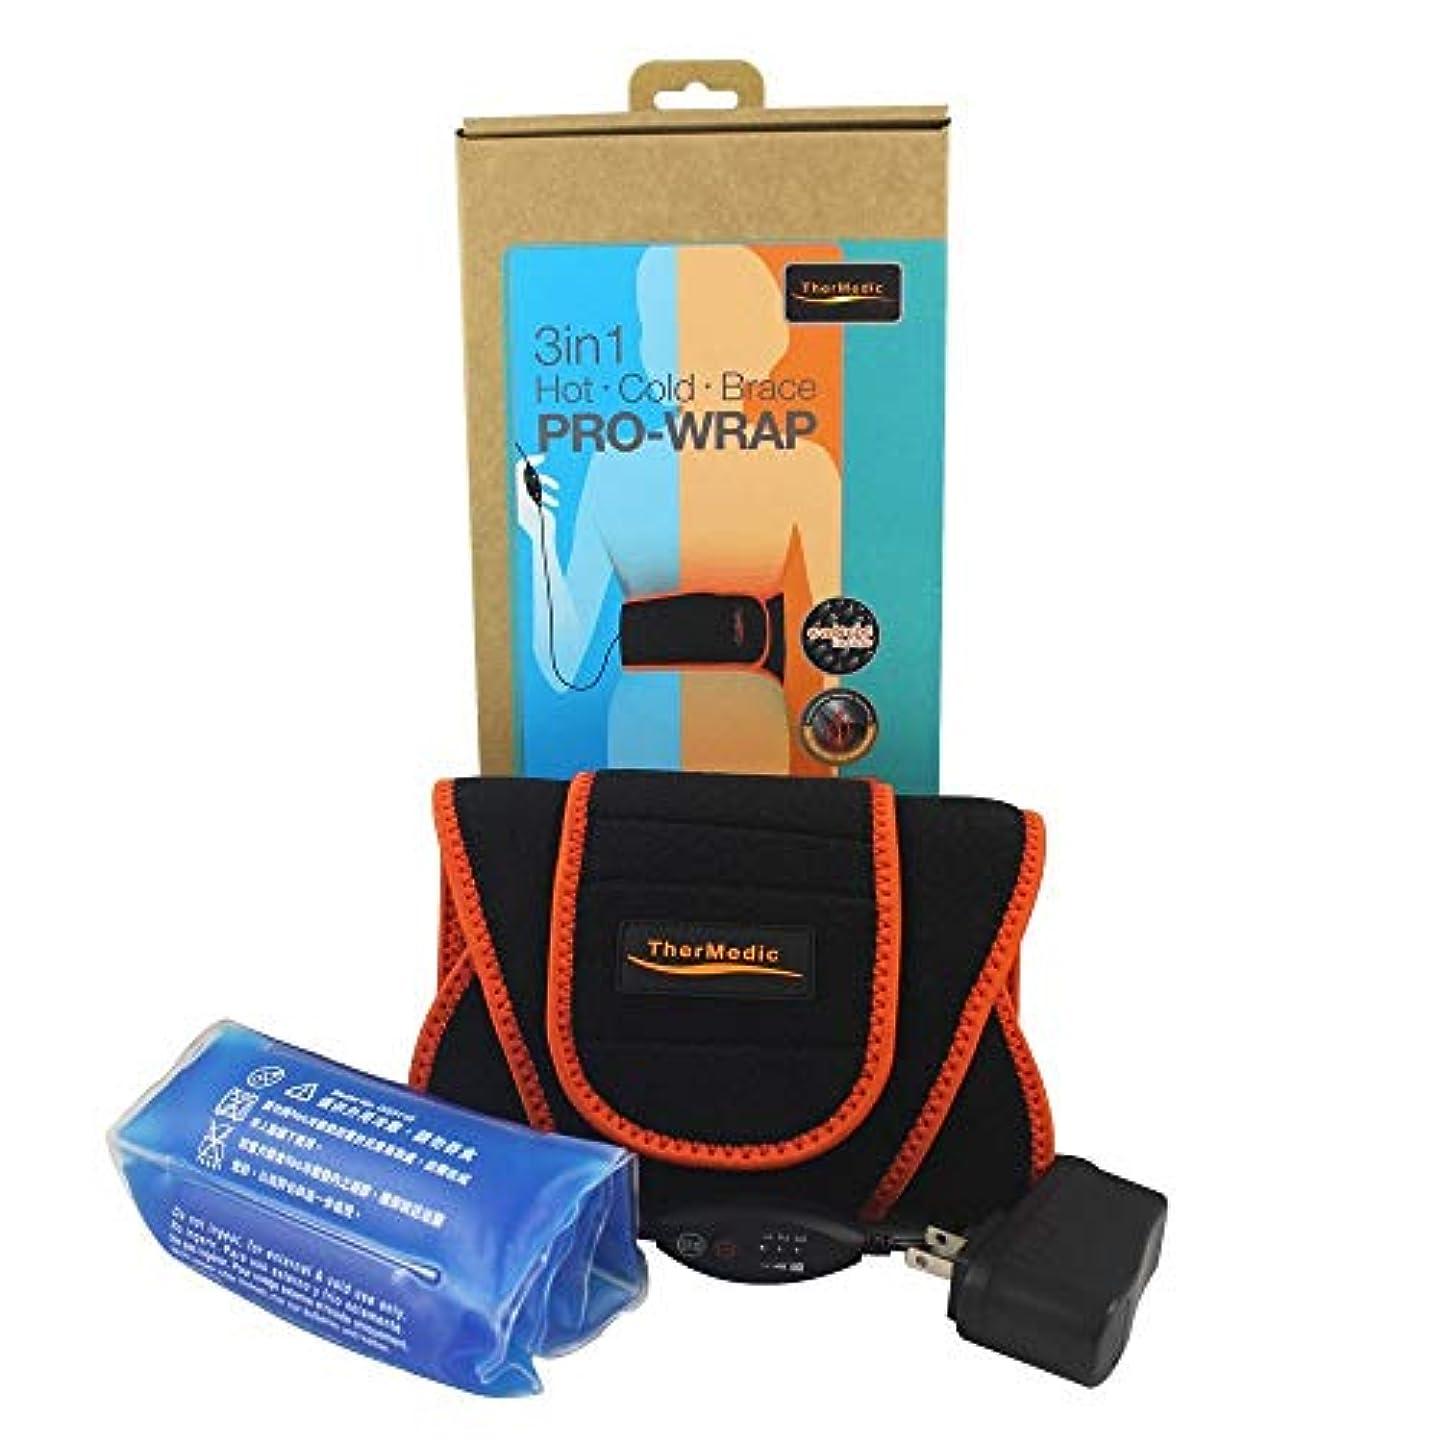 軸時間とともに学期TherMedic Pro-Wrap PW140 腰用ヒーティングパッド 家庭用温熱治療器 (3種の機能付き、温冷セラピー)関節痛、筋肉痛